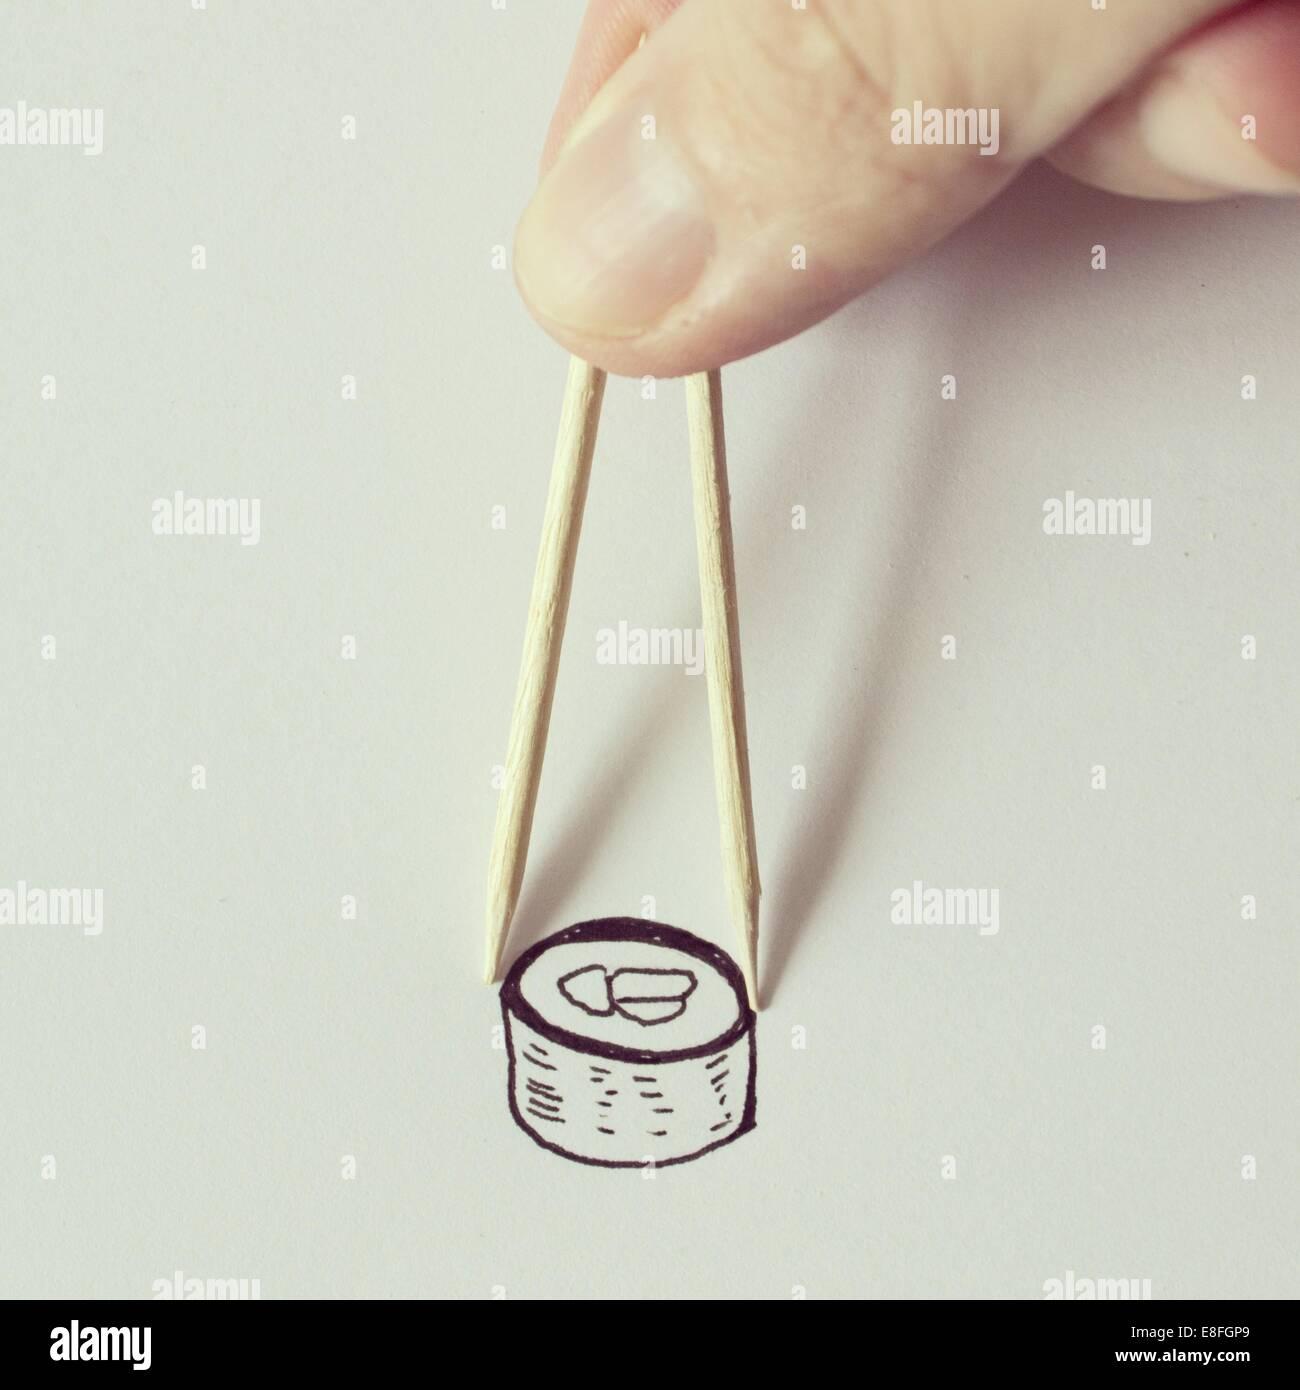 Illustration of sushi and chopsticks - Stock Image